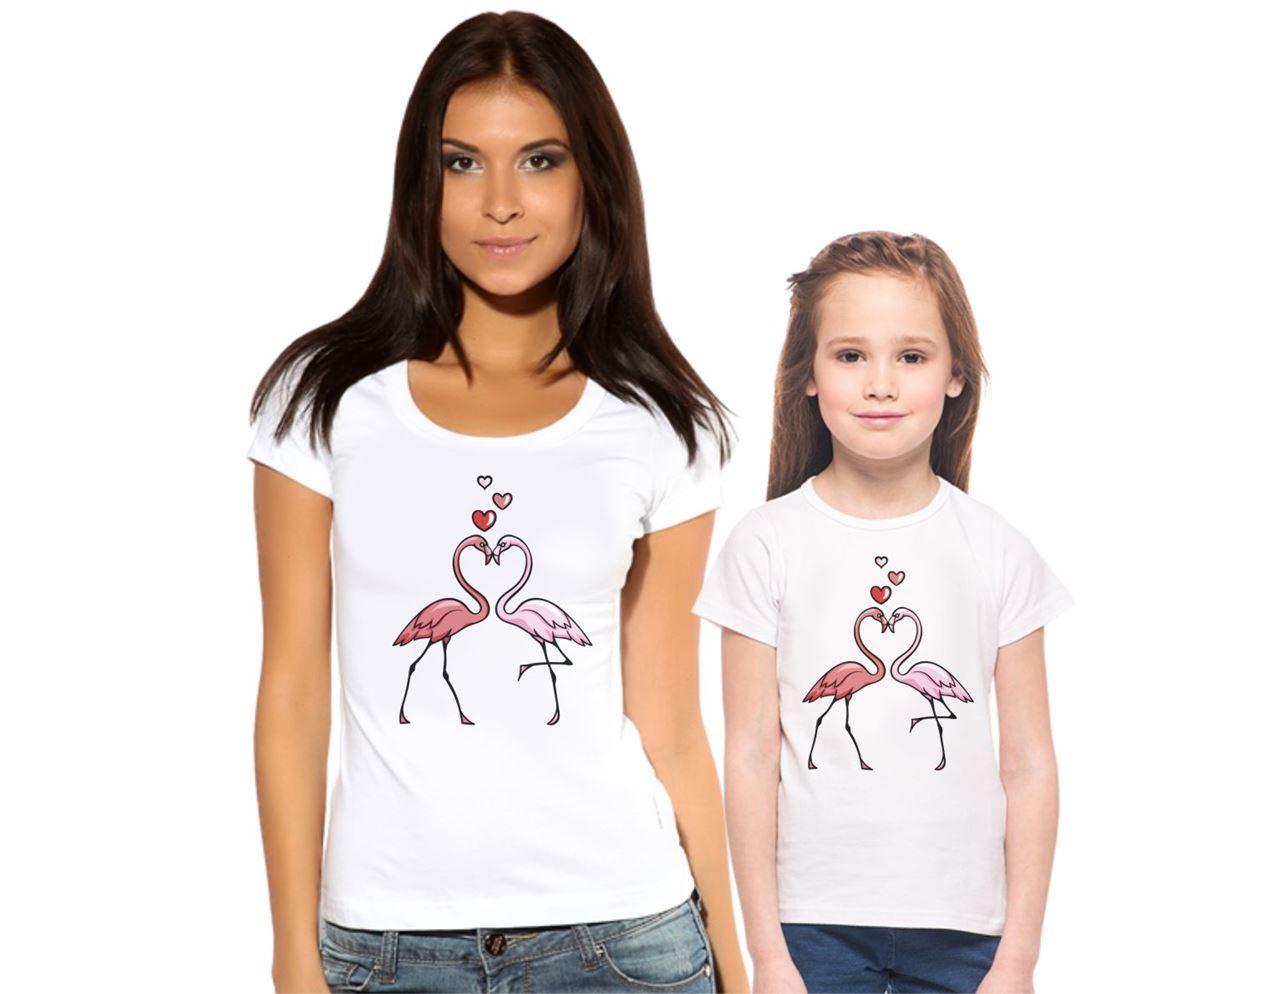 Картинки про дочек с надписями единственная девочка